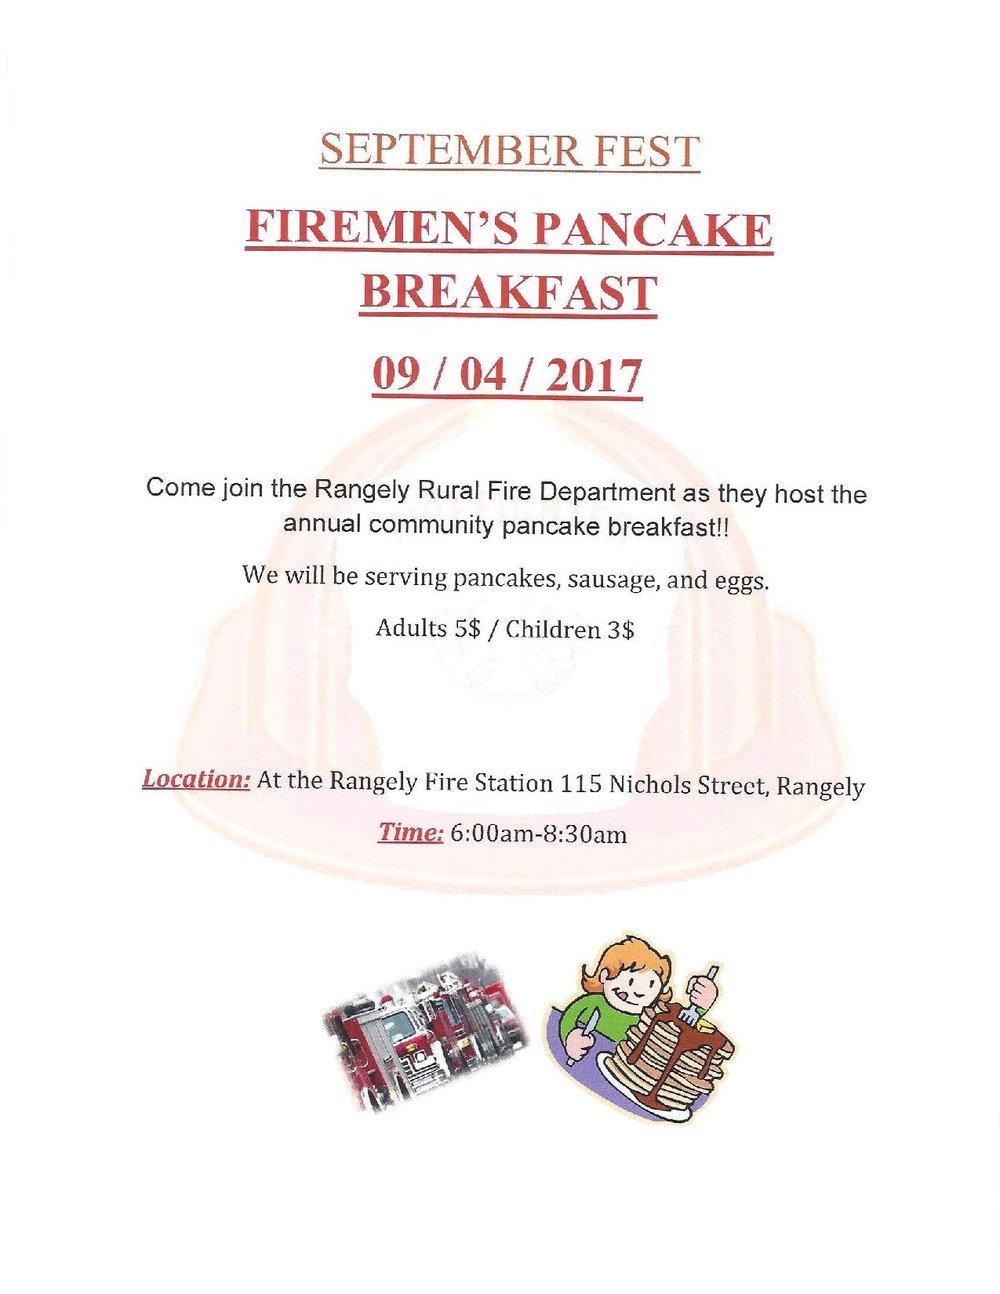 FiremansPancakeBreakfast2017-page-001.jpg